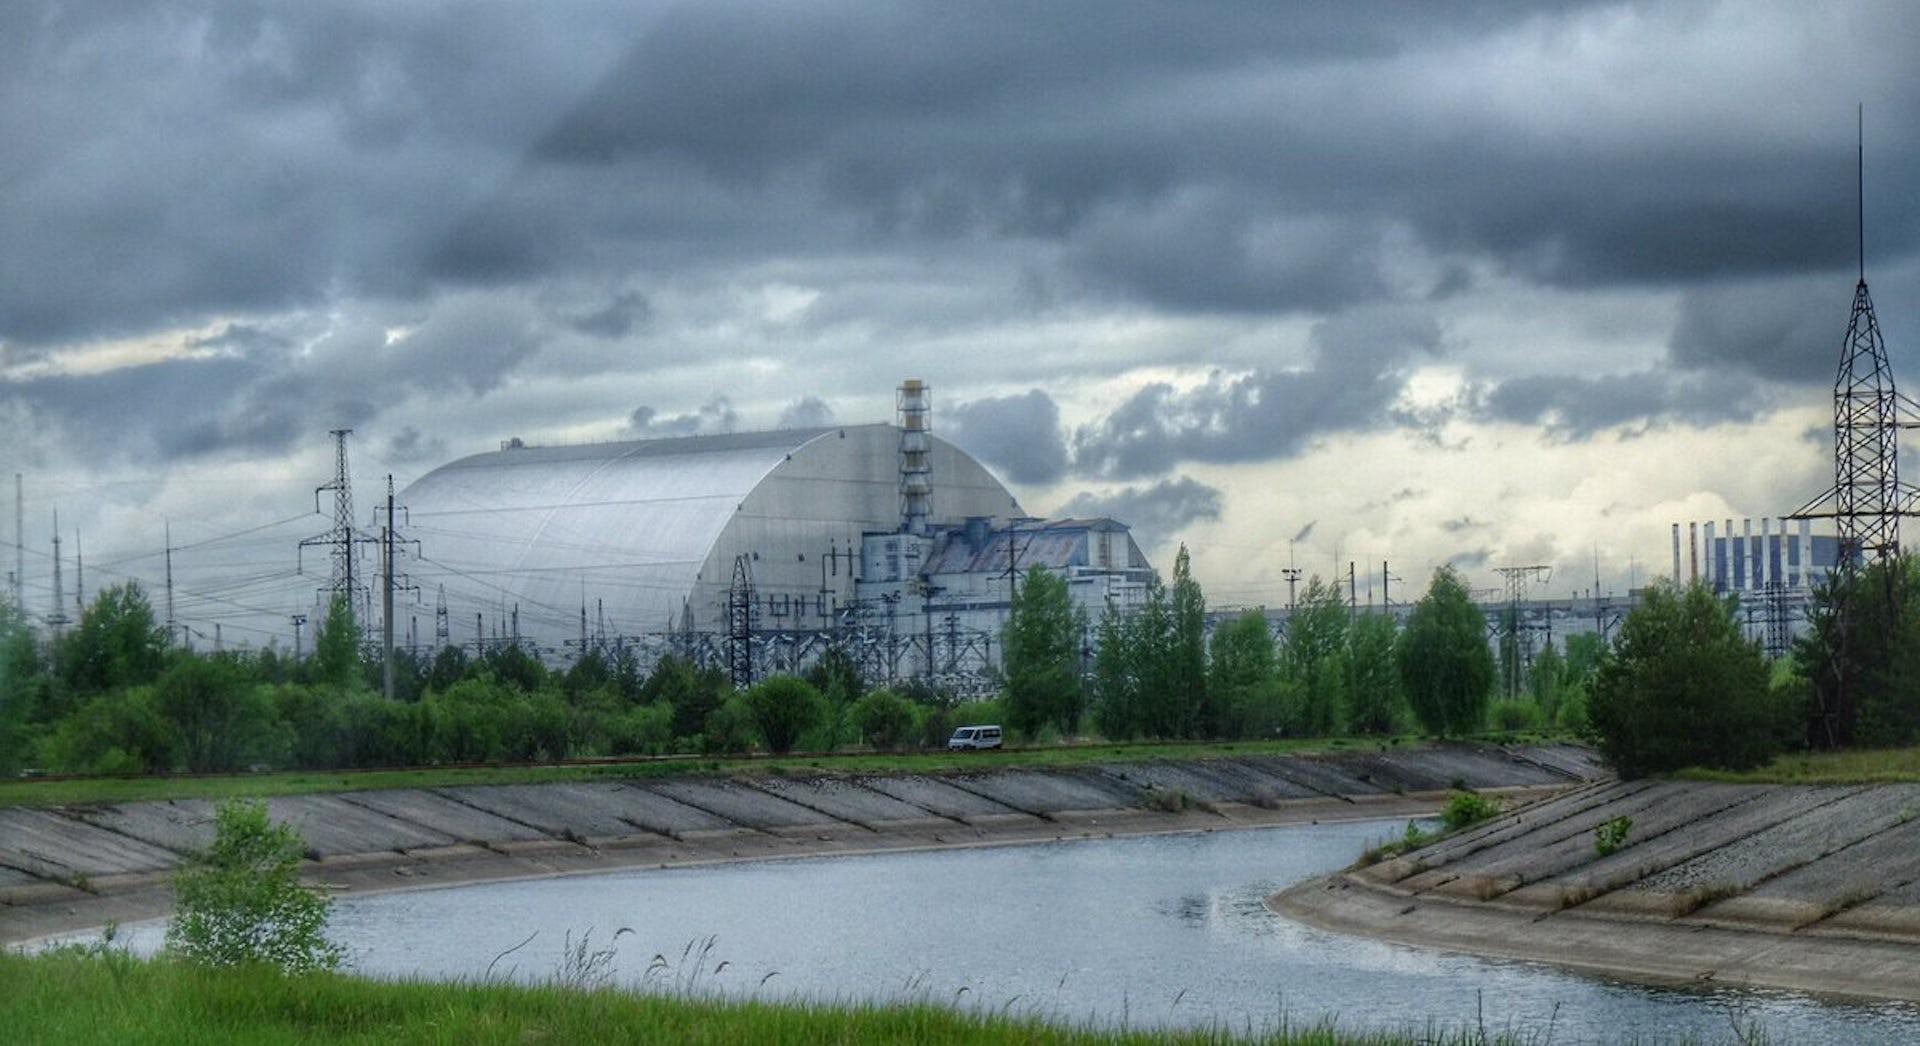 Visitamos la fauna de Chernóbil 33 años después del accidente nuclear